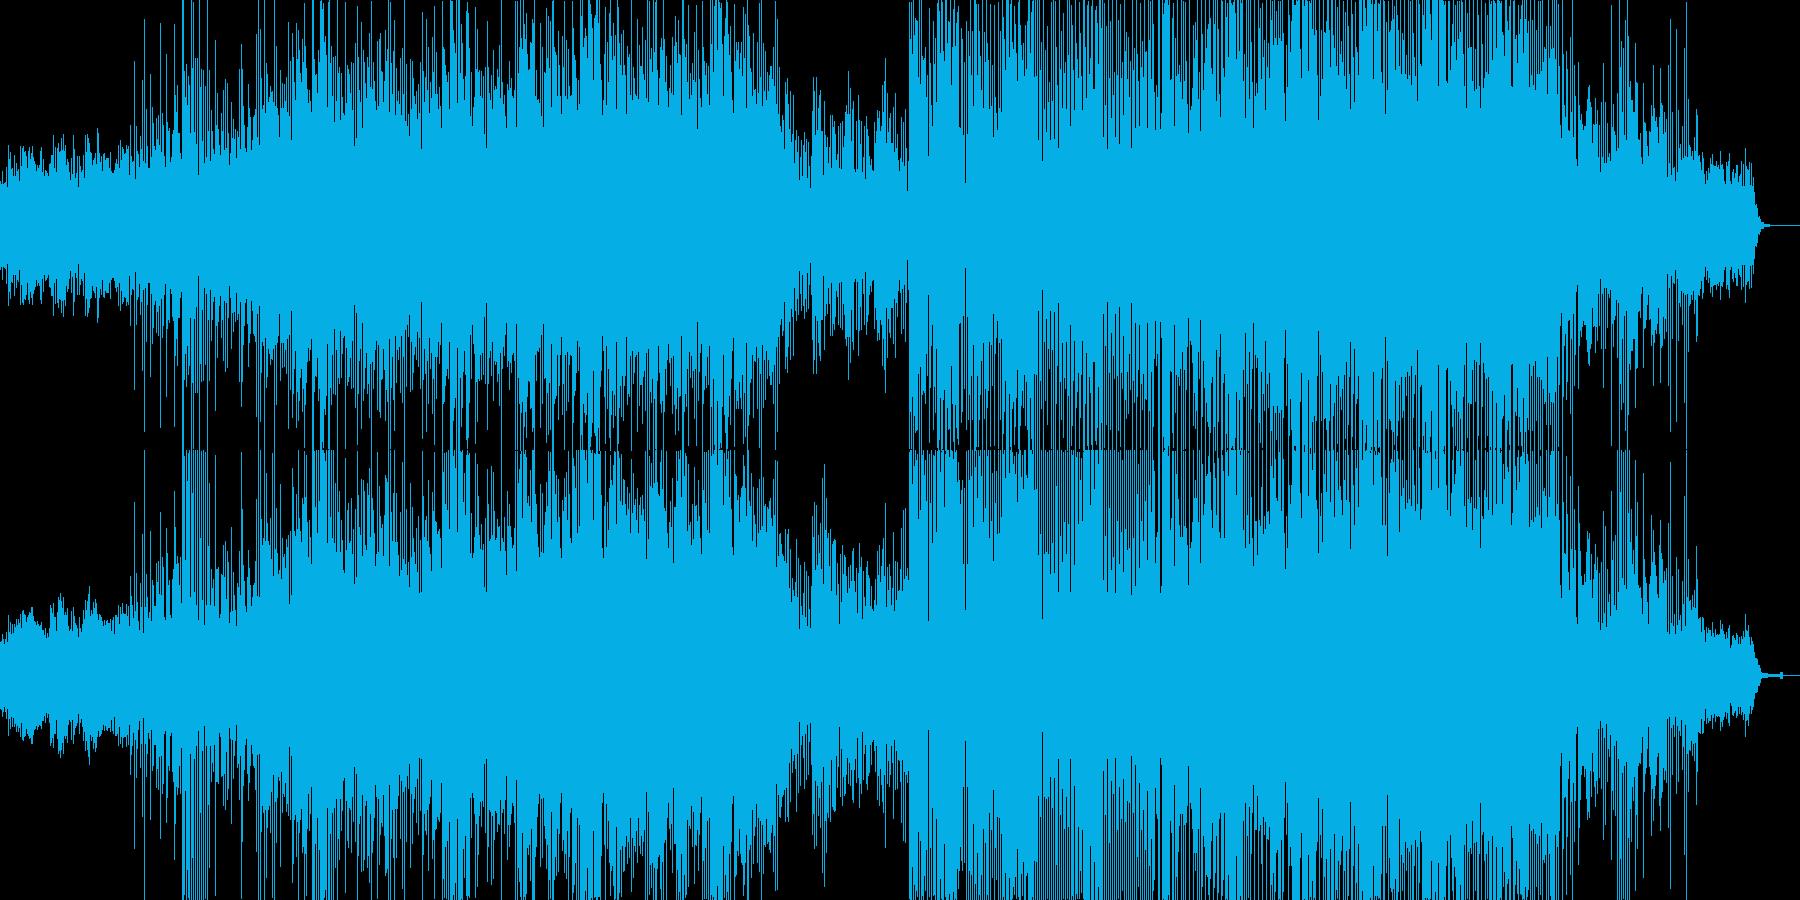 ファンタジー系の幻想的なテクノポップの再生済みの波形